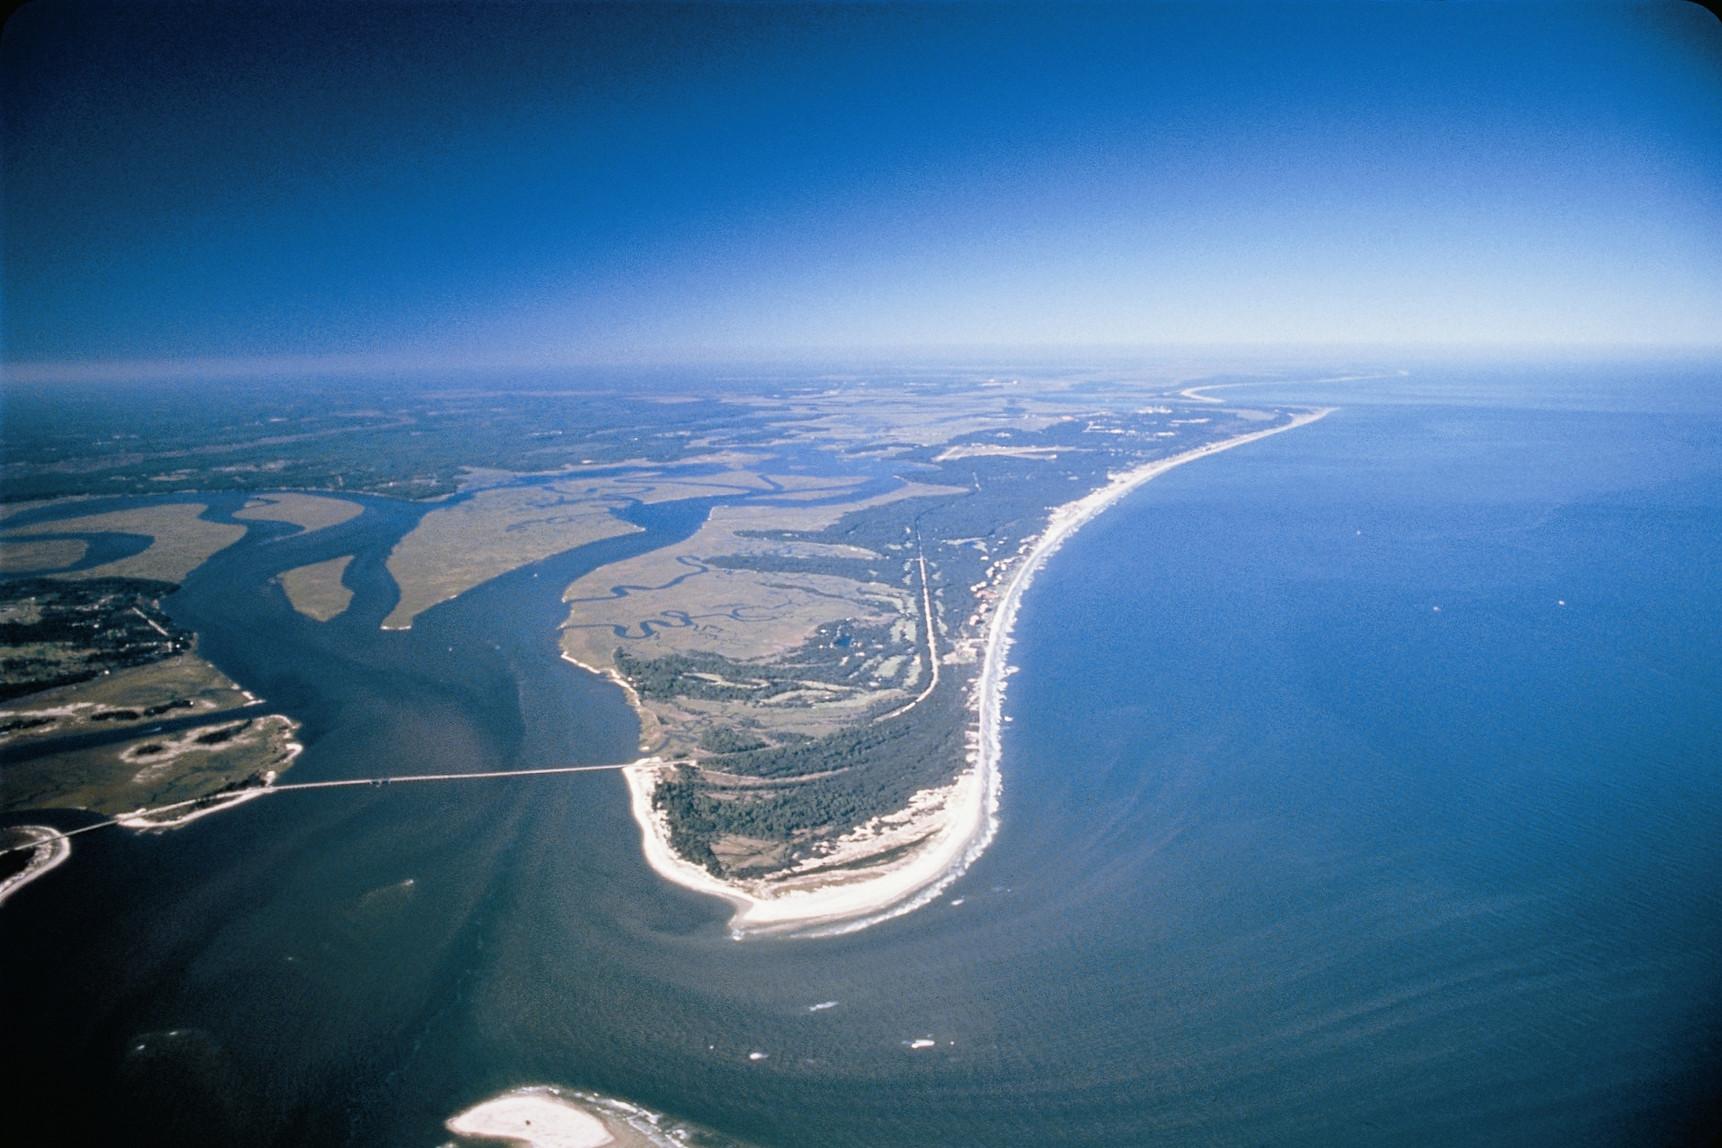 island-resort-traditional-amelia-island-